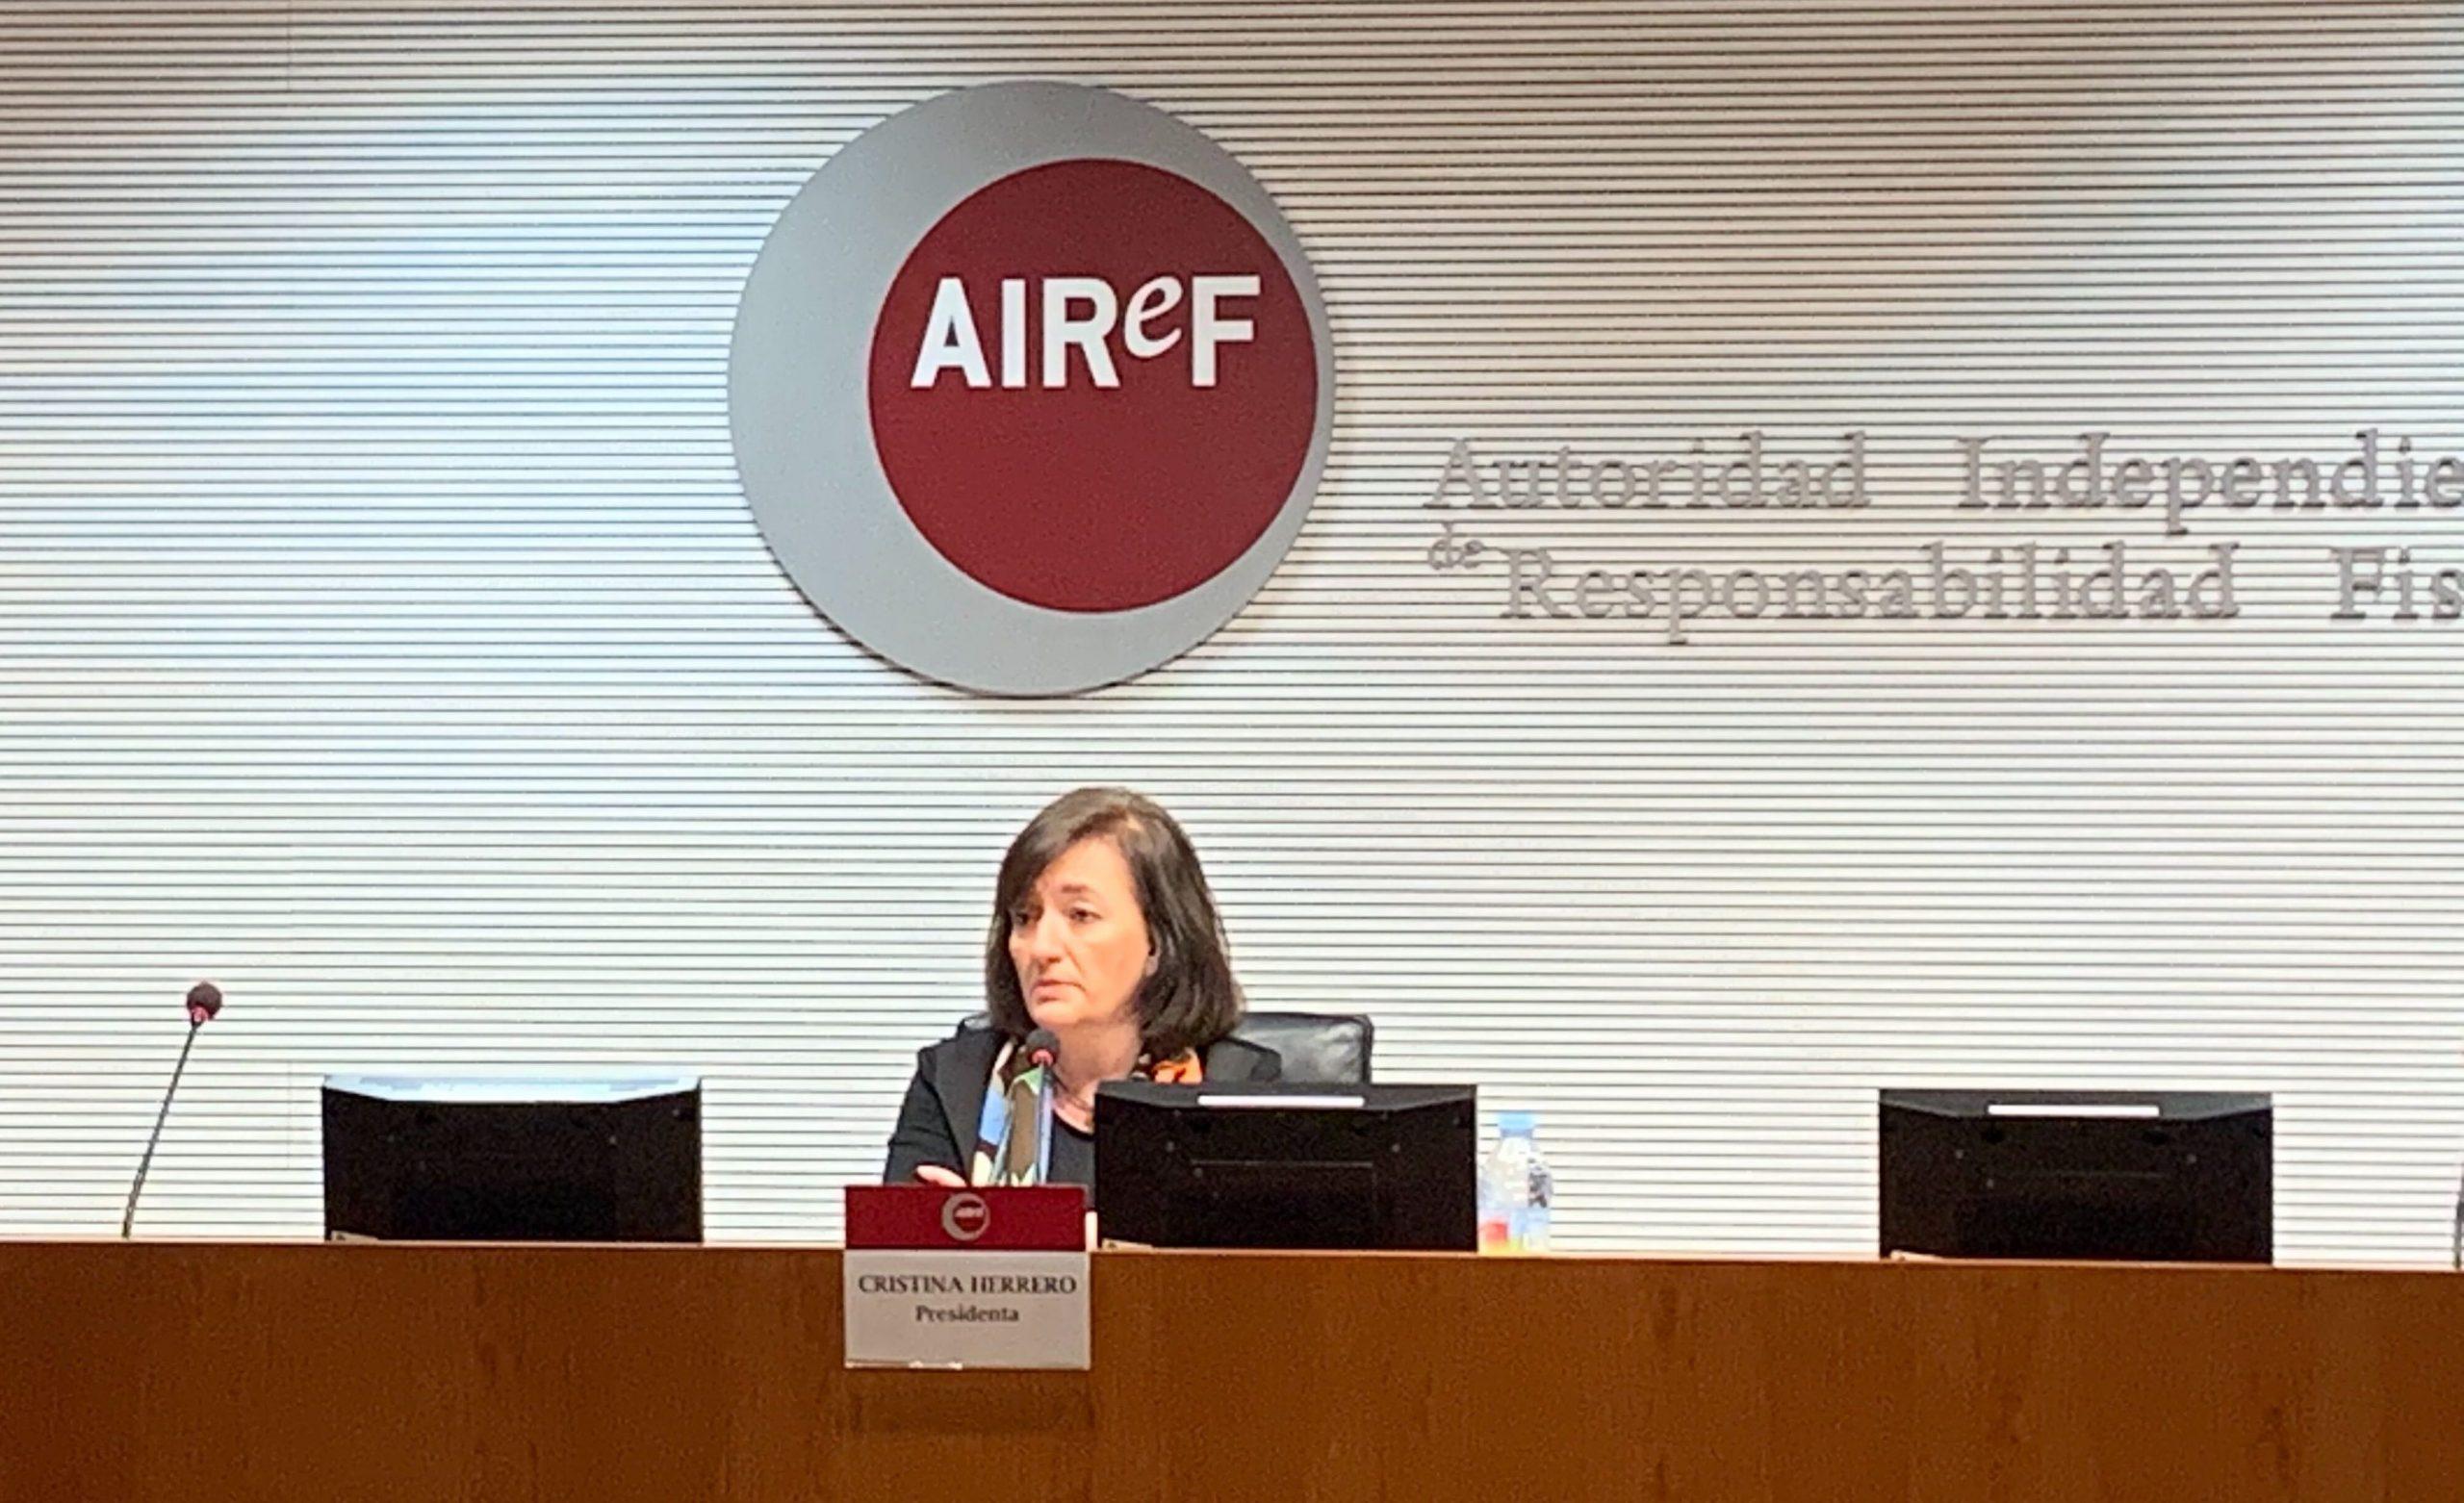 La presidenta de la La Autoridad Independiente de Responsabilidad Fiscal, Cristina Herrero